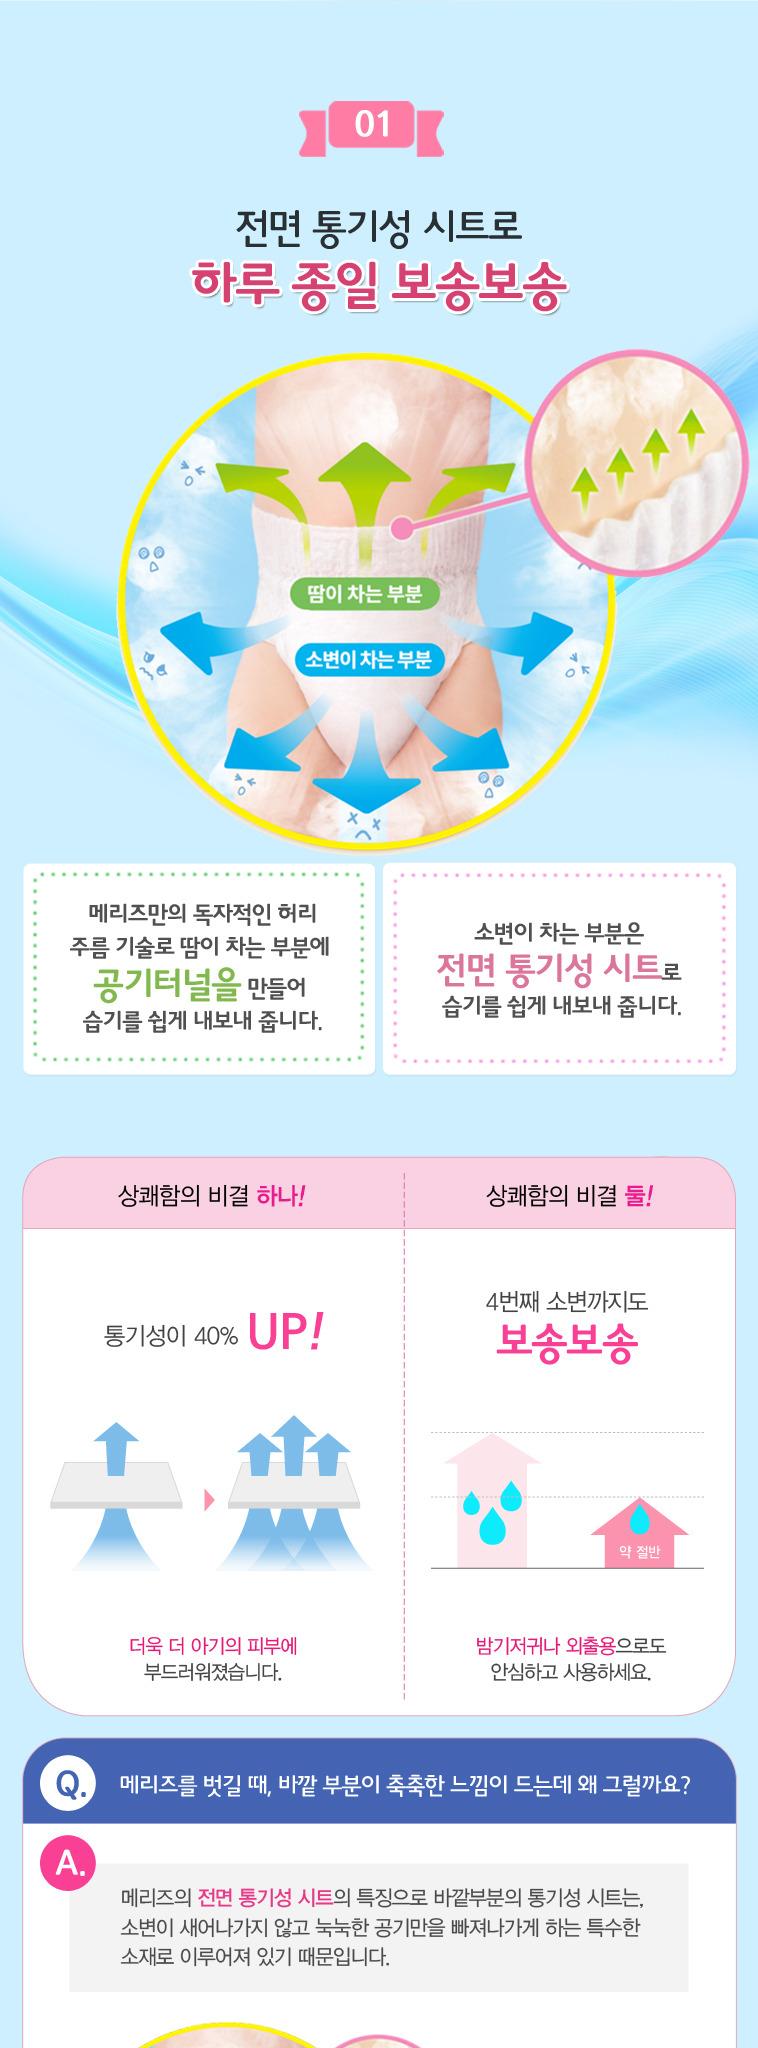 [베이비위크] 메리즈 팬티형/밴드형 - 상세정보